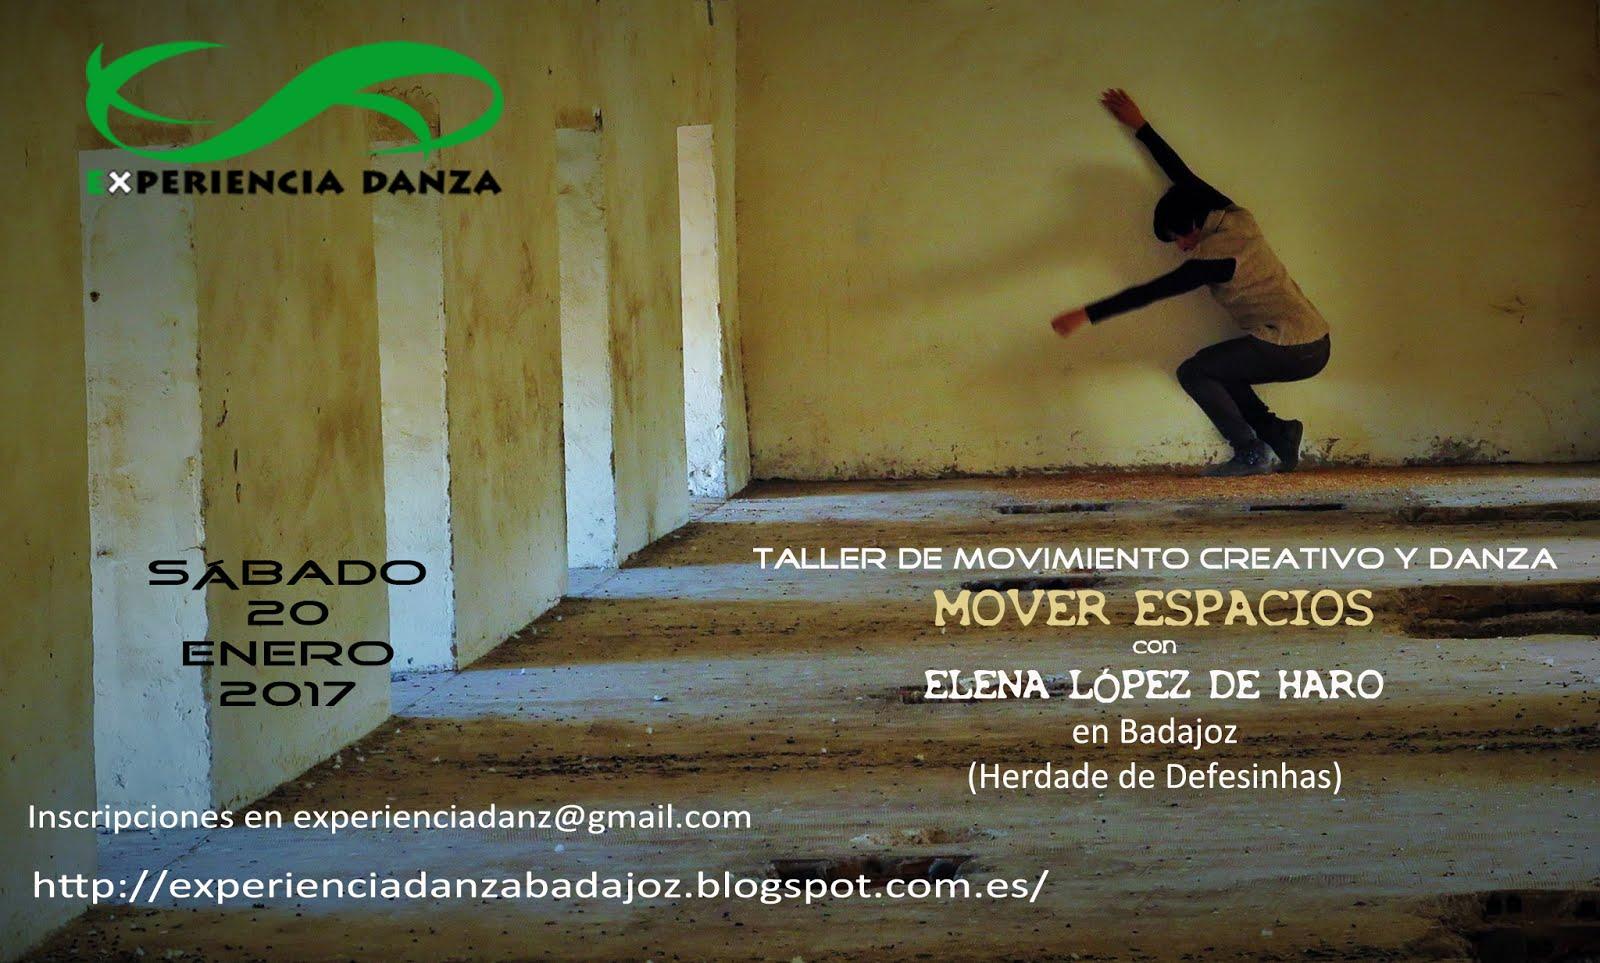 Taller MOVER ESPACIOS con Elena L.Haro